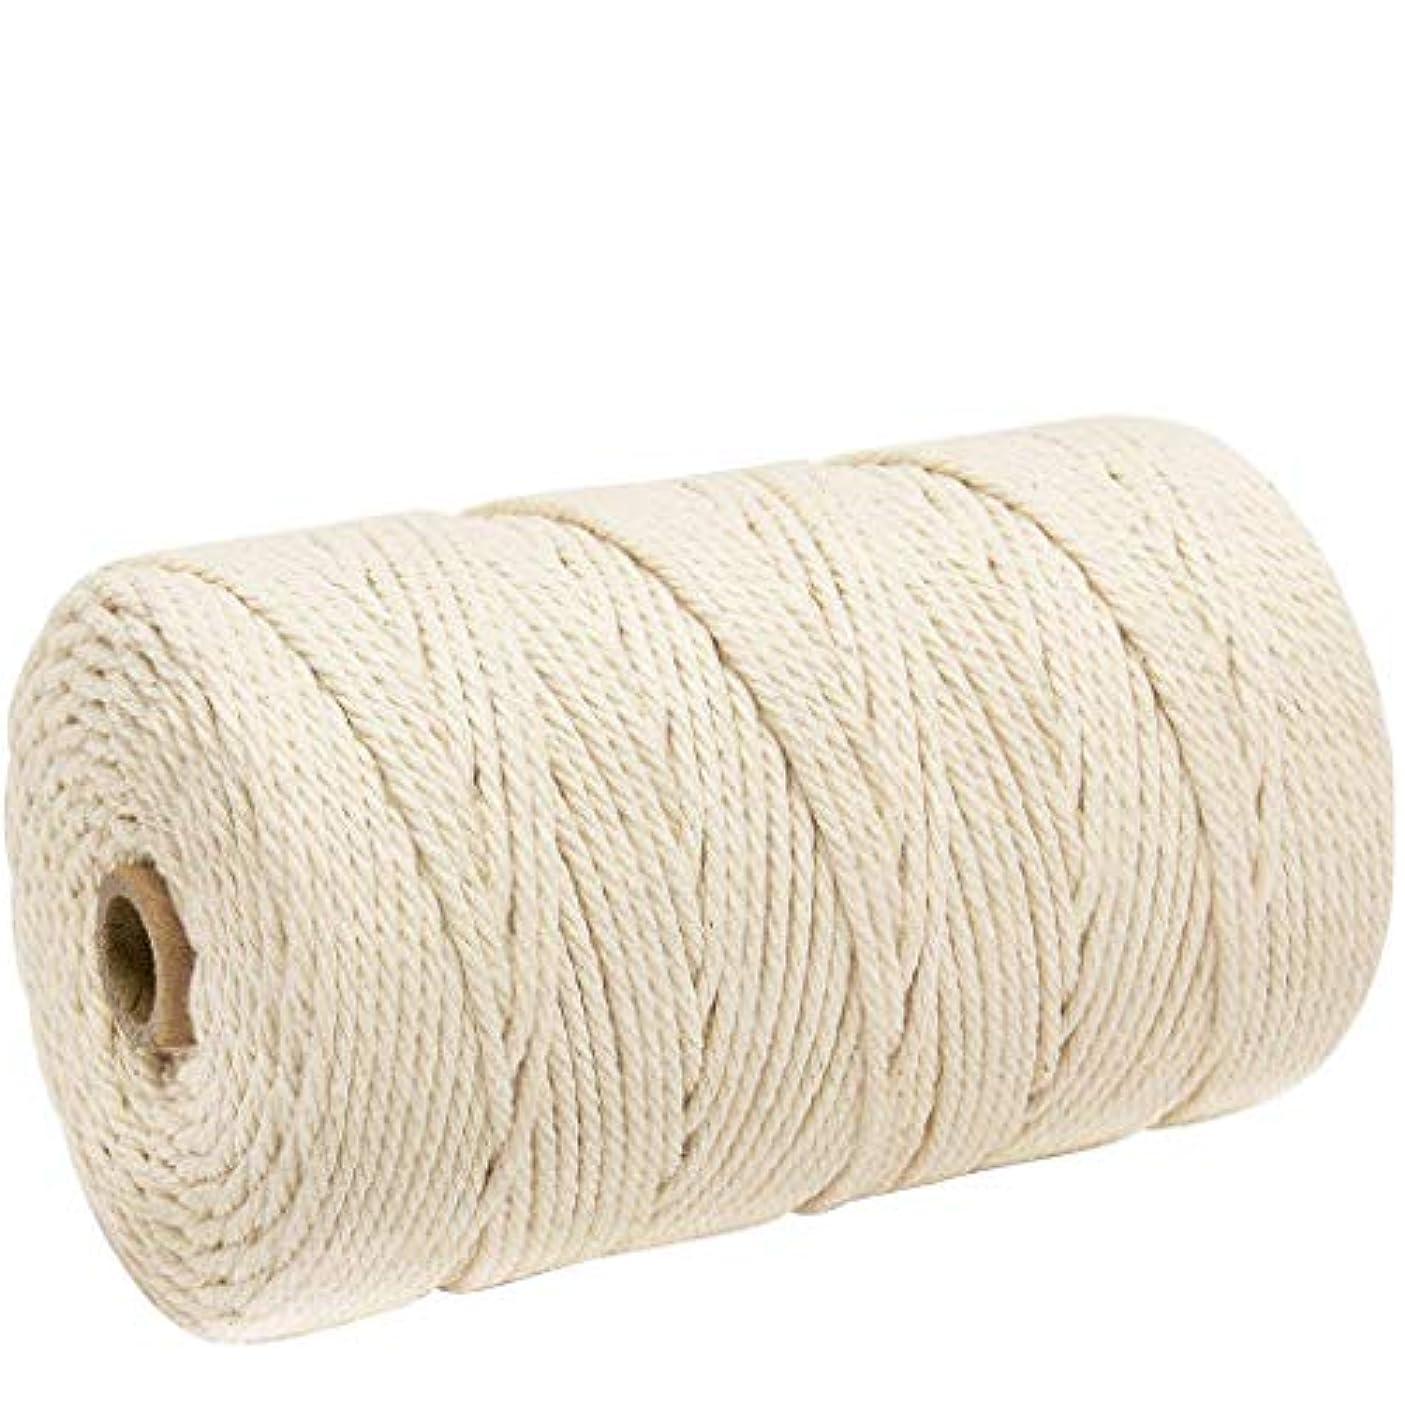 テーマグレースポーツマンナチュラルコットン マクラメ ロープ 紐 糸 手作り編み糸 綿 DIY壁掛けハンガークラフト編みコードロープ 3㎜ 200m (ライスホワイト)